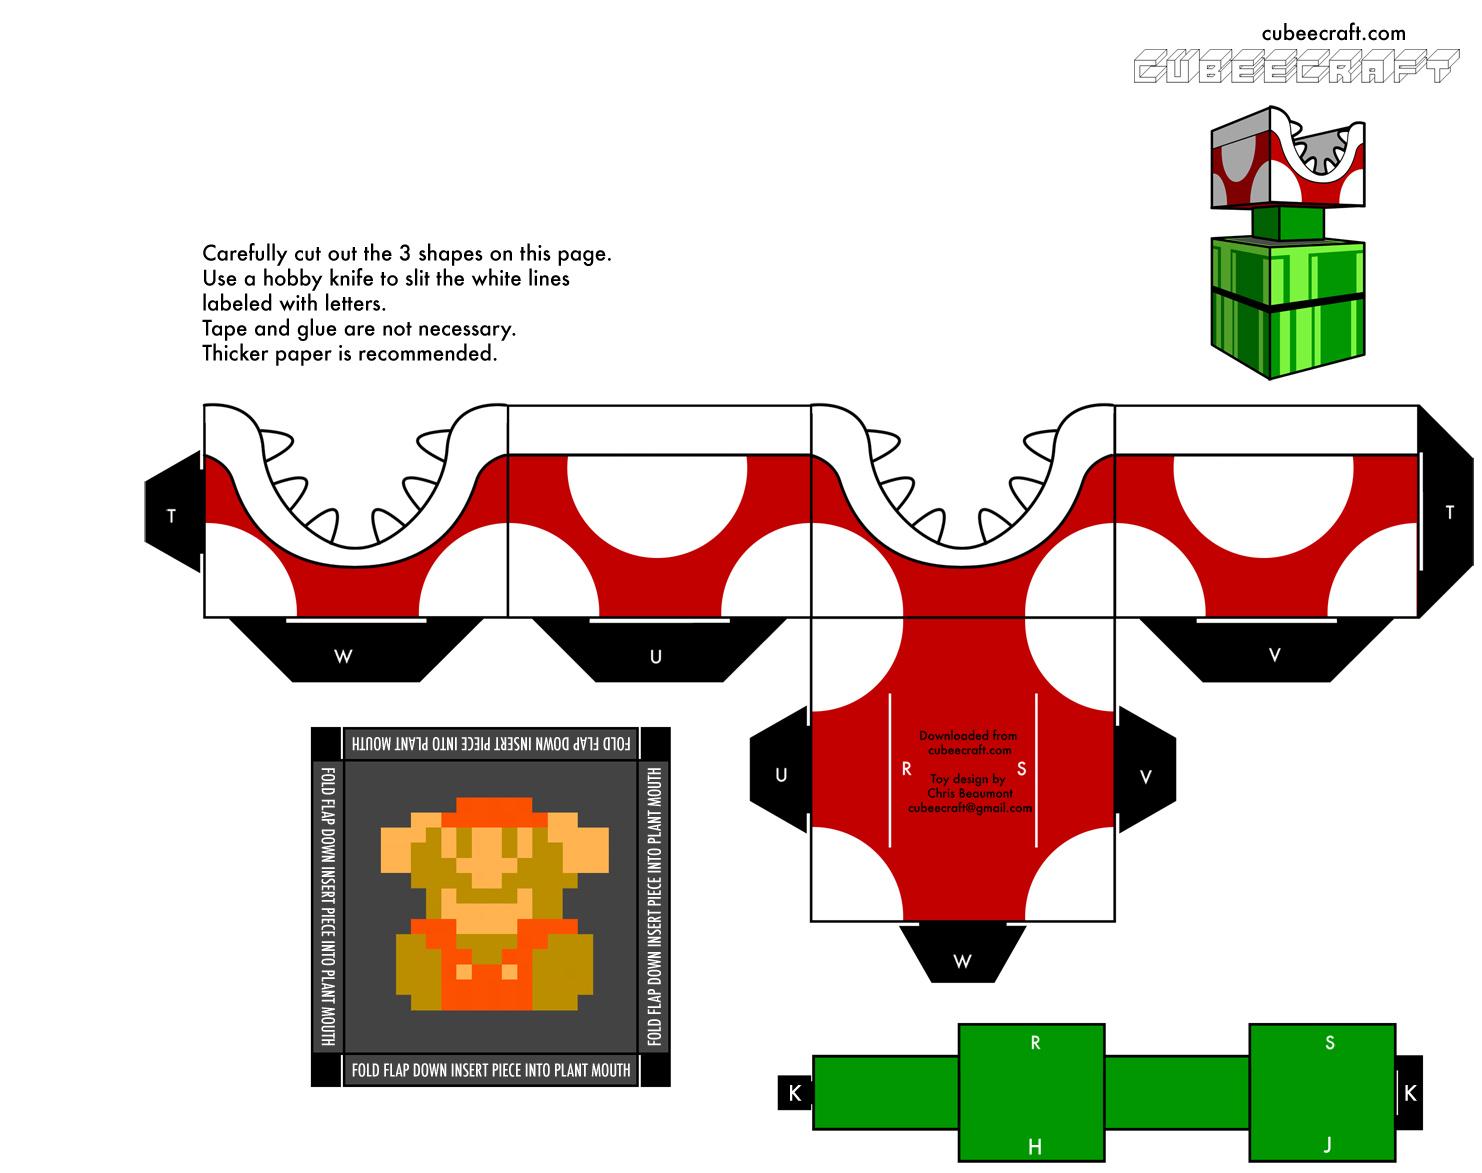 Cubeecraft de video juegos taringa - Plante carnivore mario ...